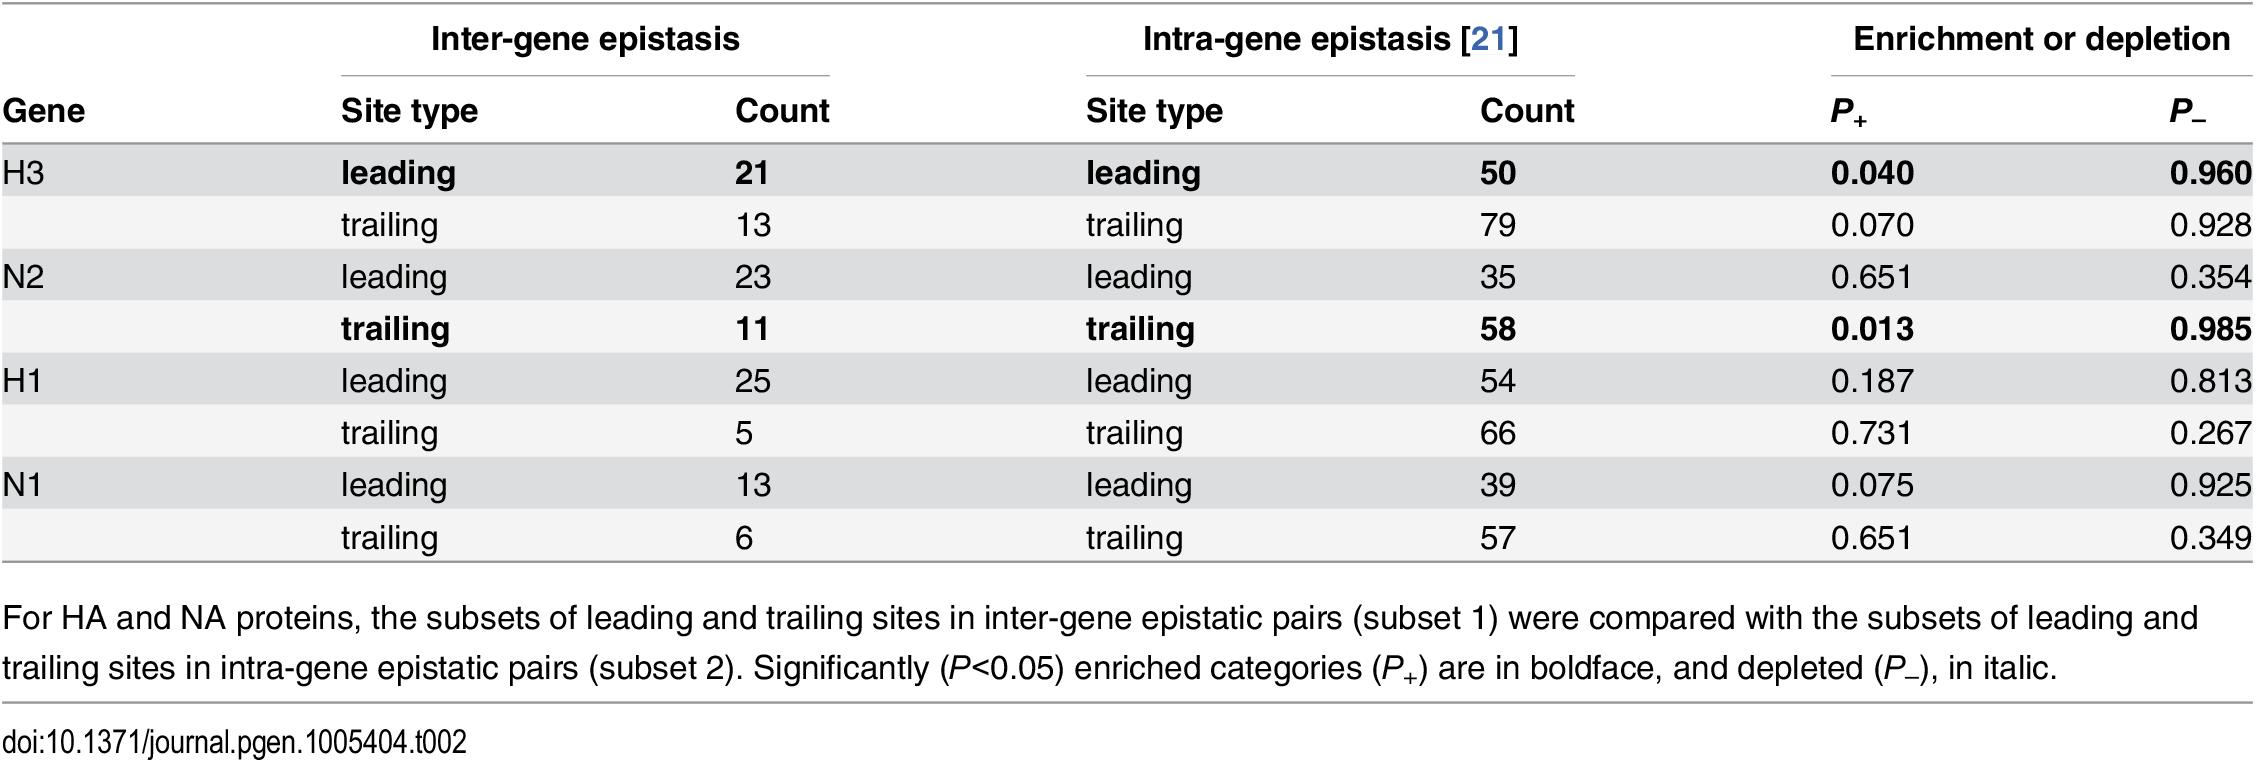 Comparisons of sets of sites evolving under inter-gene vs. intra-gene epistasis.